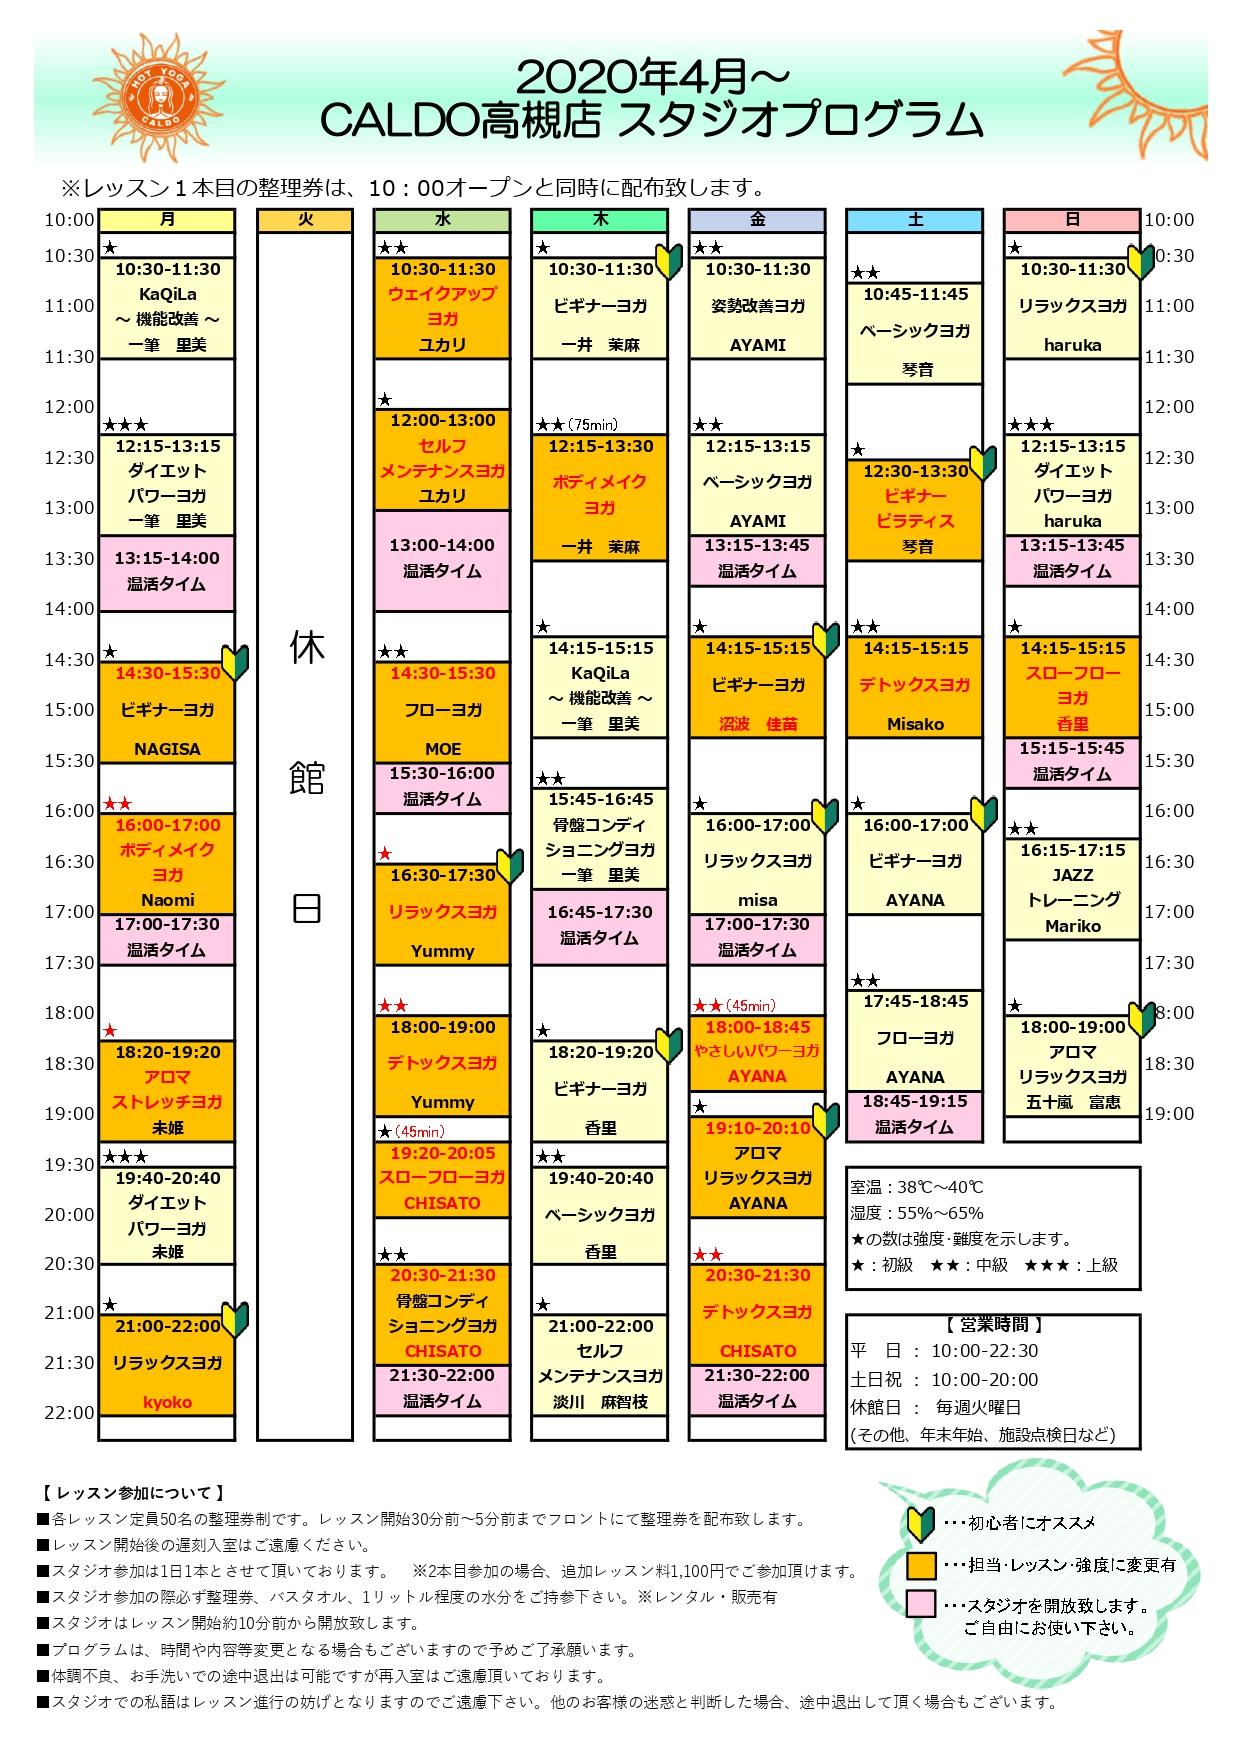 2020年4月~スタジオプログラム【高槻】(表)